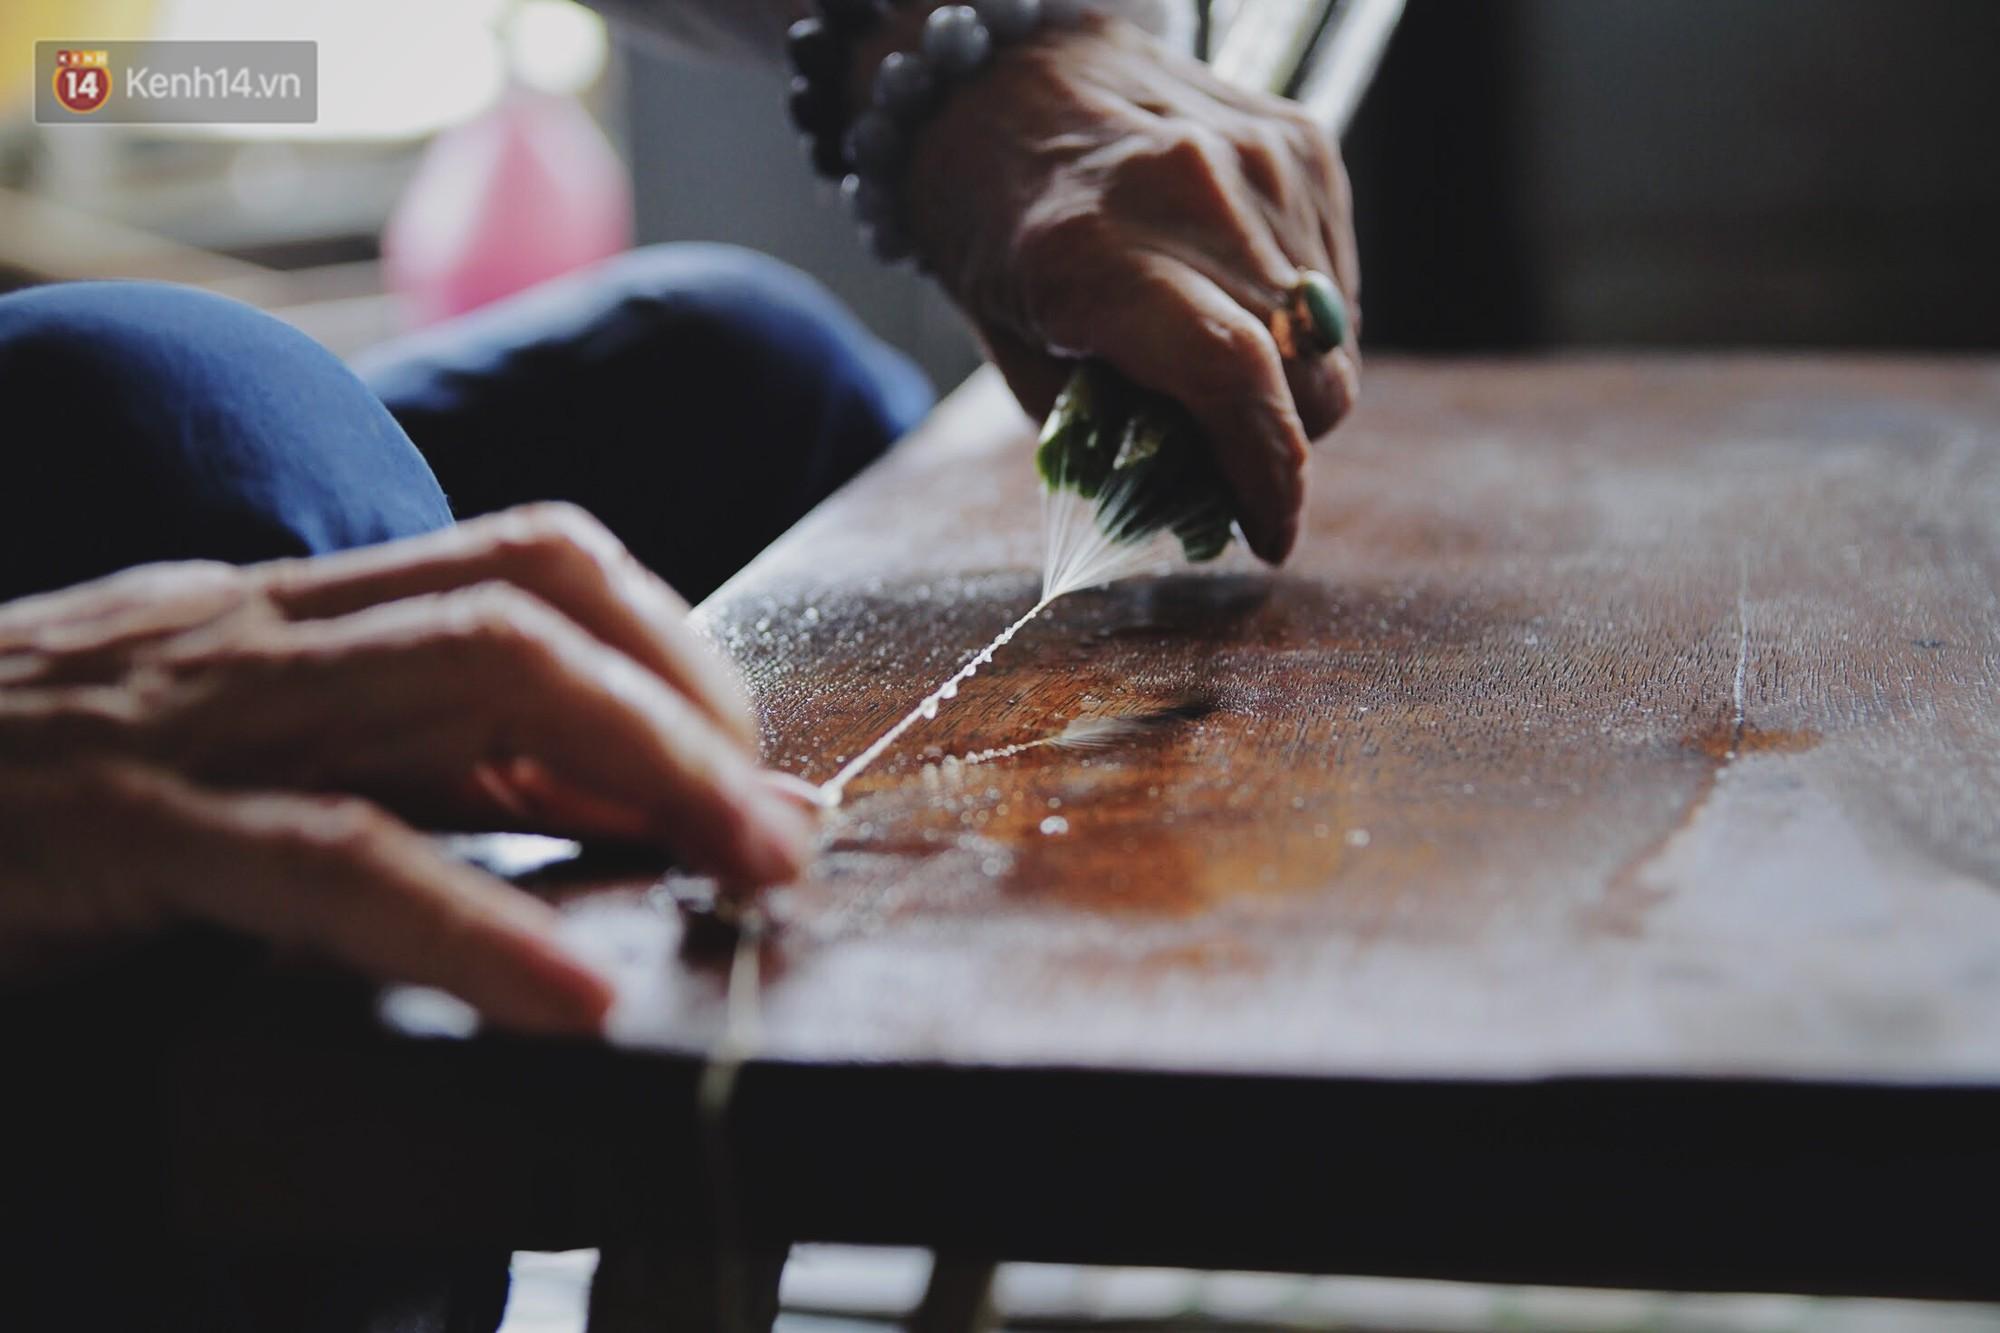 Người phụ nữ Hà Nội đầu tiên dệt lụa từ tơ sen: 4.800 cuống sen cho một chiếc khăn quàng cổ dài 1,7 mét - Ảnh 11.